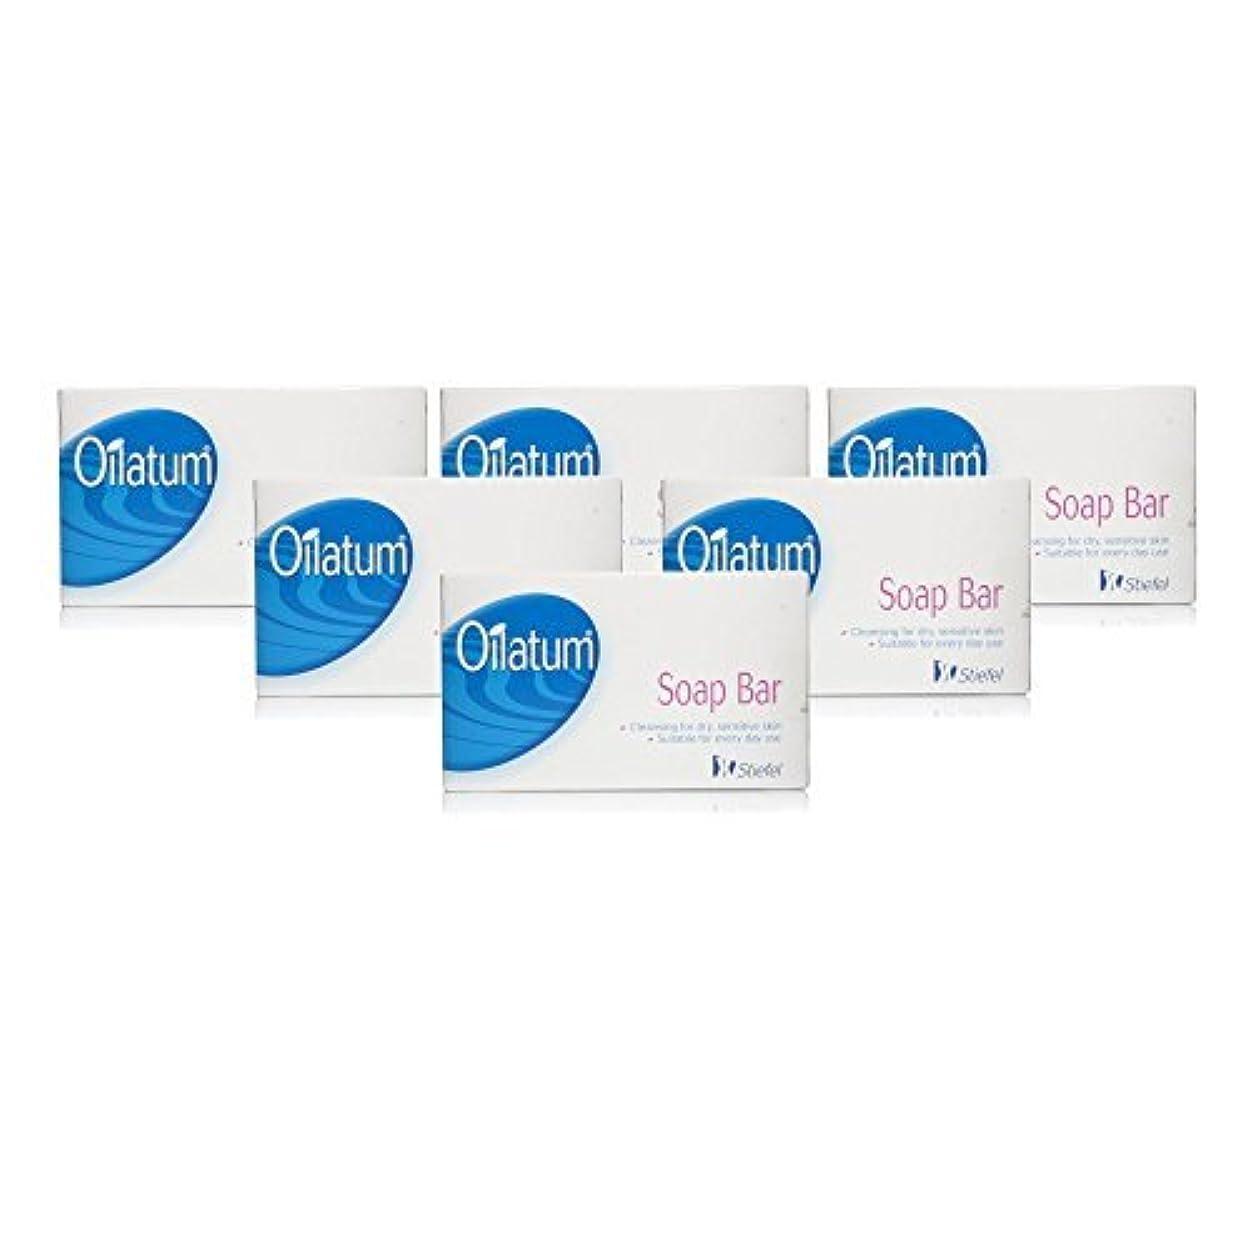 Oilatum Soap Bar 6 Pack by Oilatum